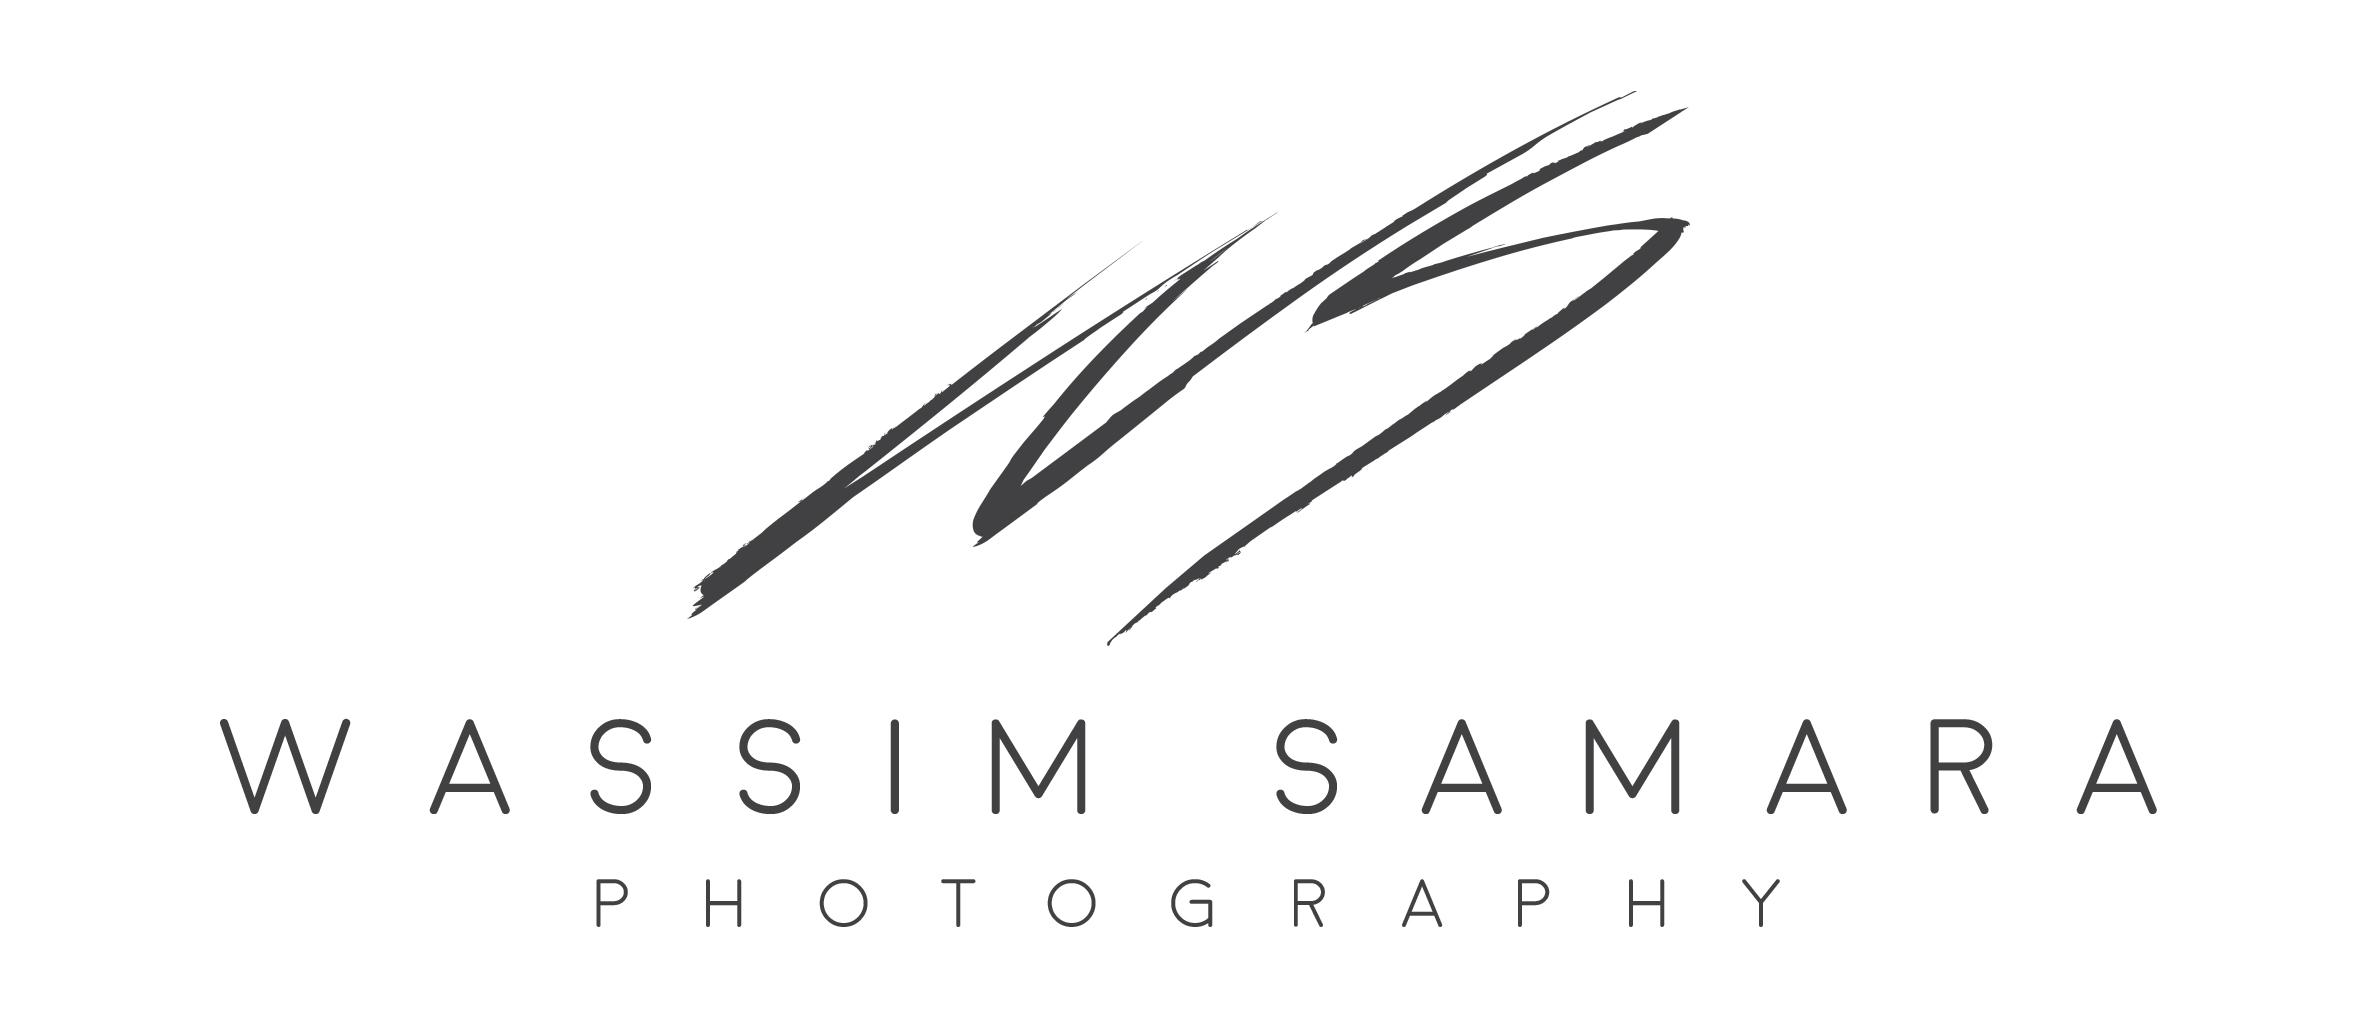 Wassim Samara Photography